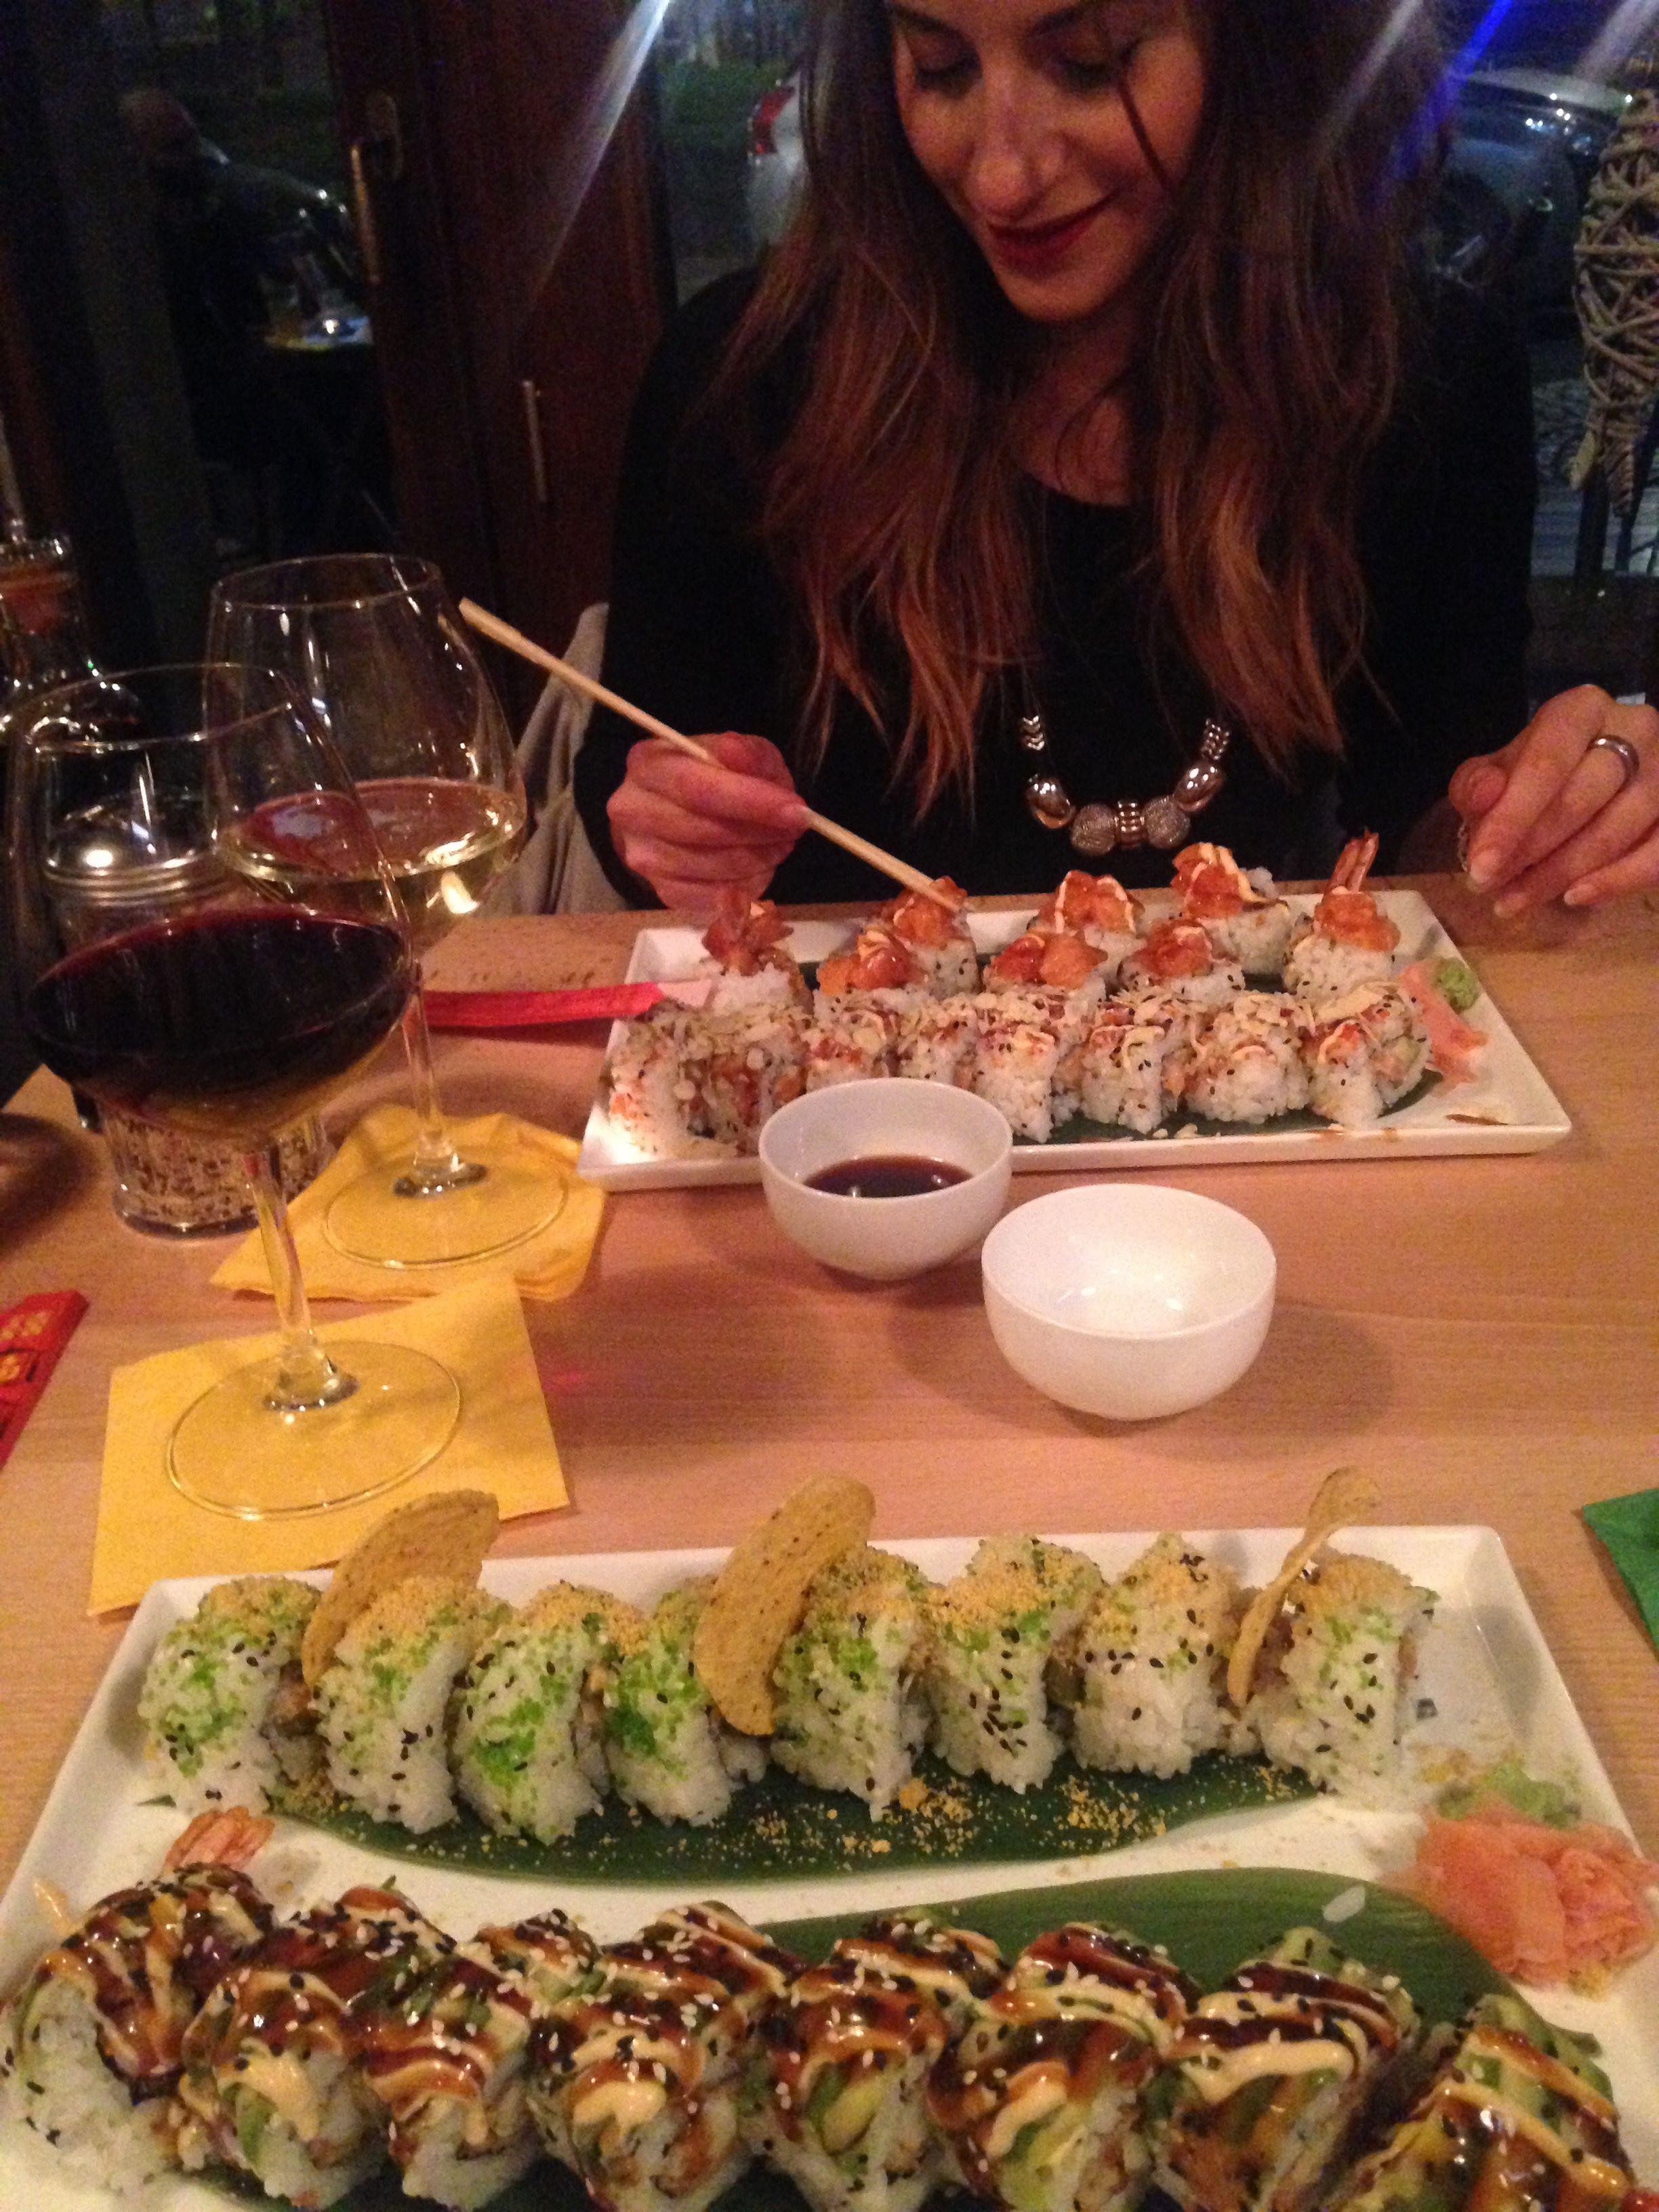 Questa foto rappresenta una cena con la mia ragazza Mi ricorda un dei tanti momenti